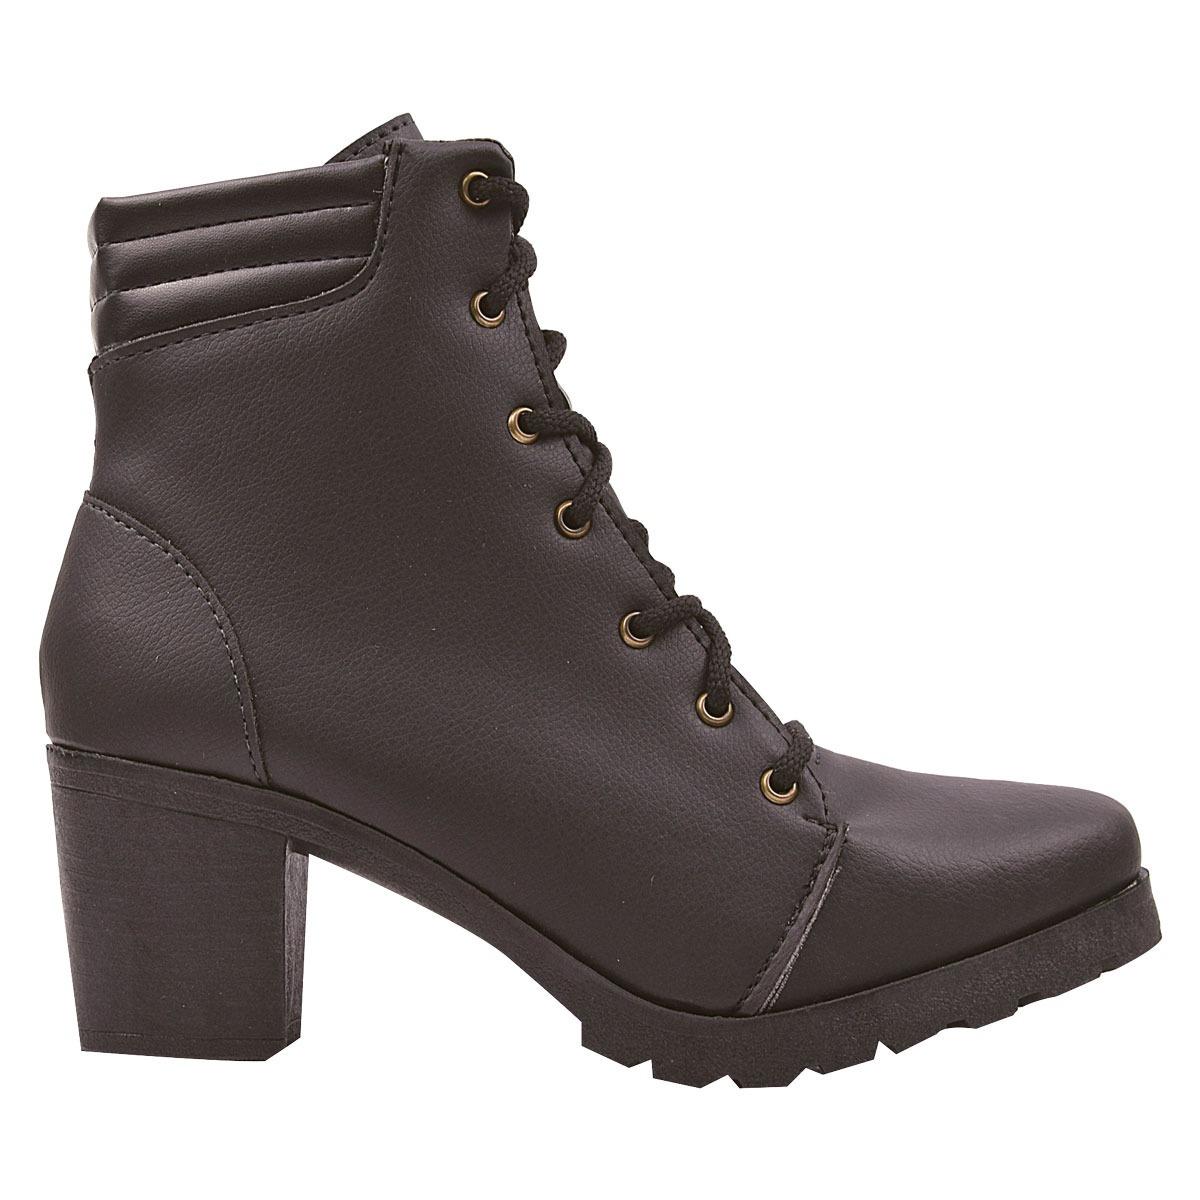 16f6d9057 bota feminina coturno chiquiteira cano curto tratorada grl. Carregando zoom.